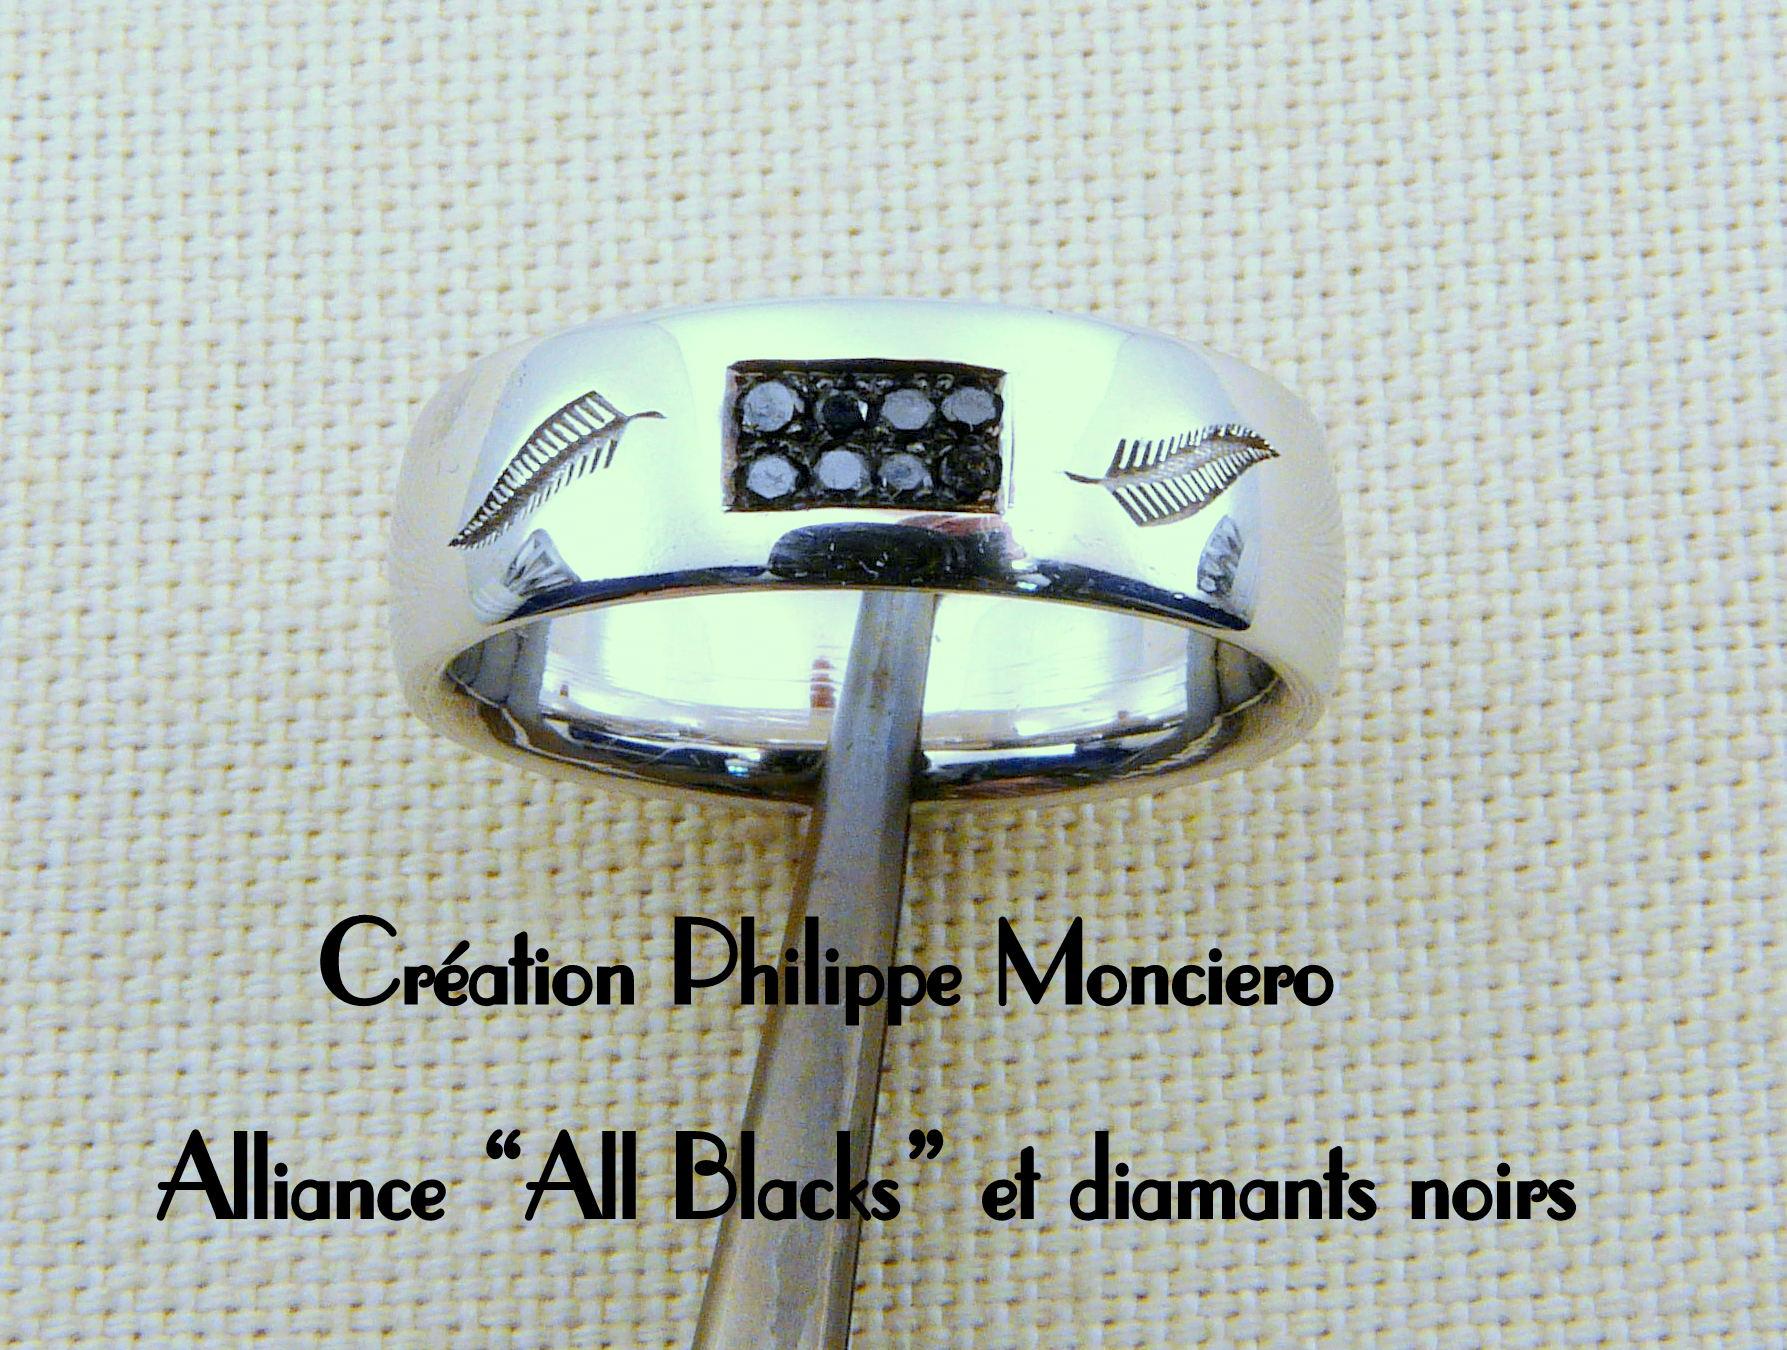 """Alliance """"All Blacks"""" diamants noirs sur or blanc. Monciero - Nîmes"""